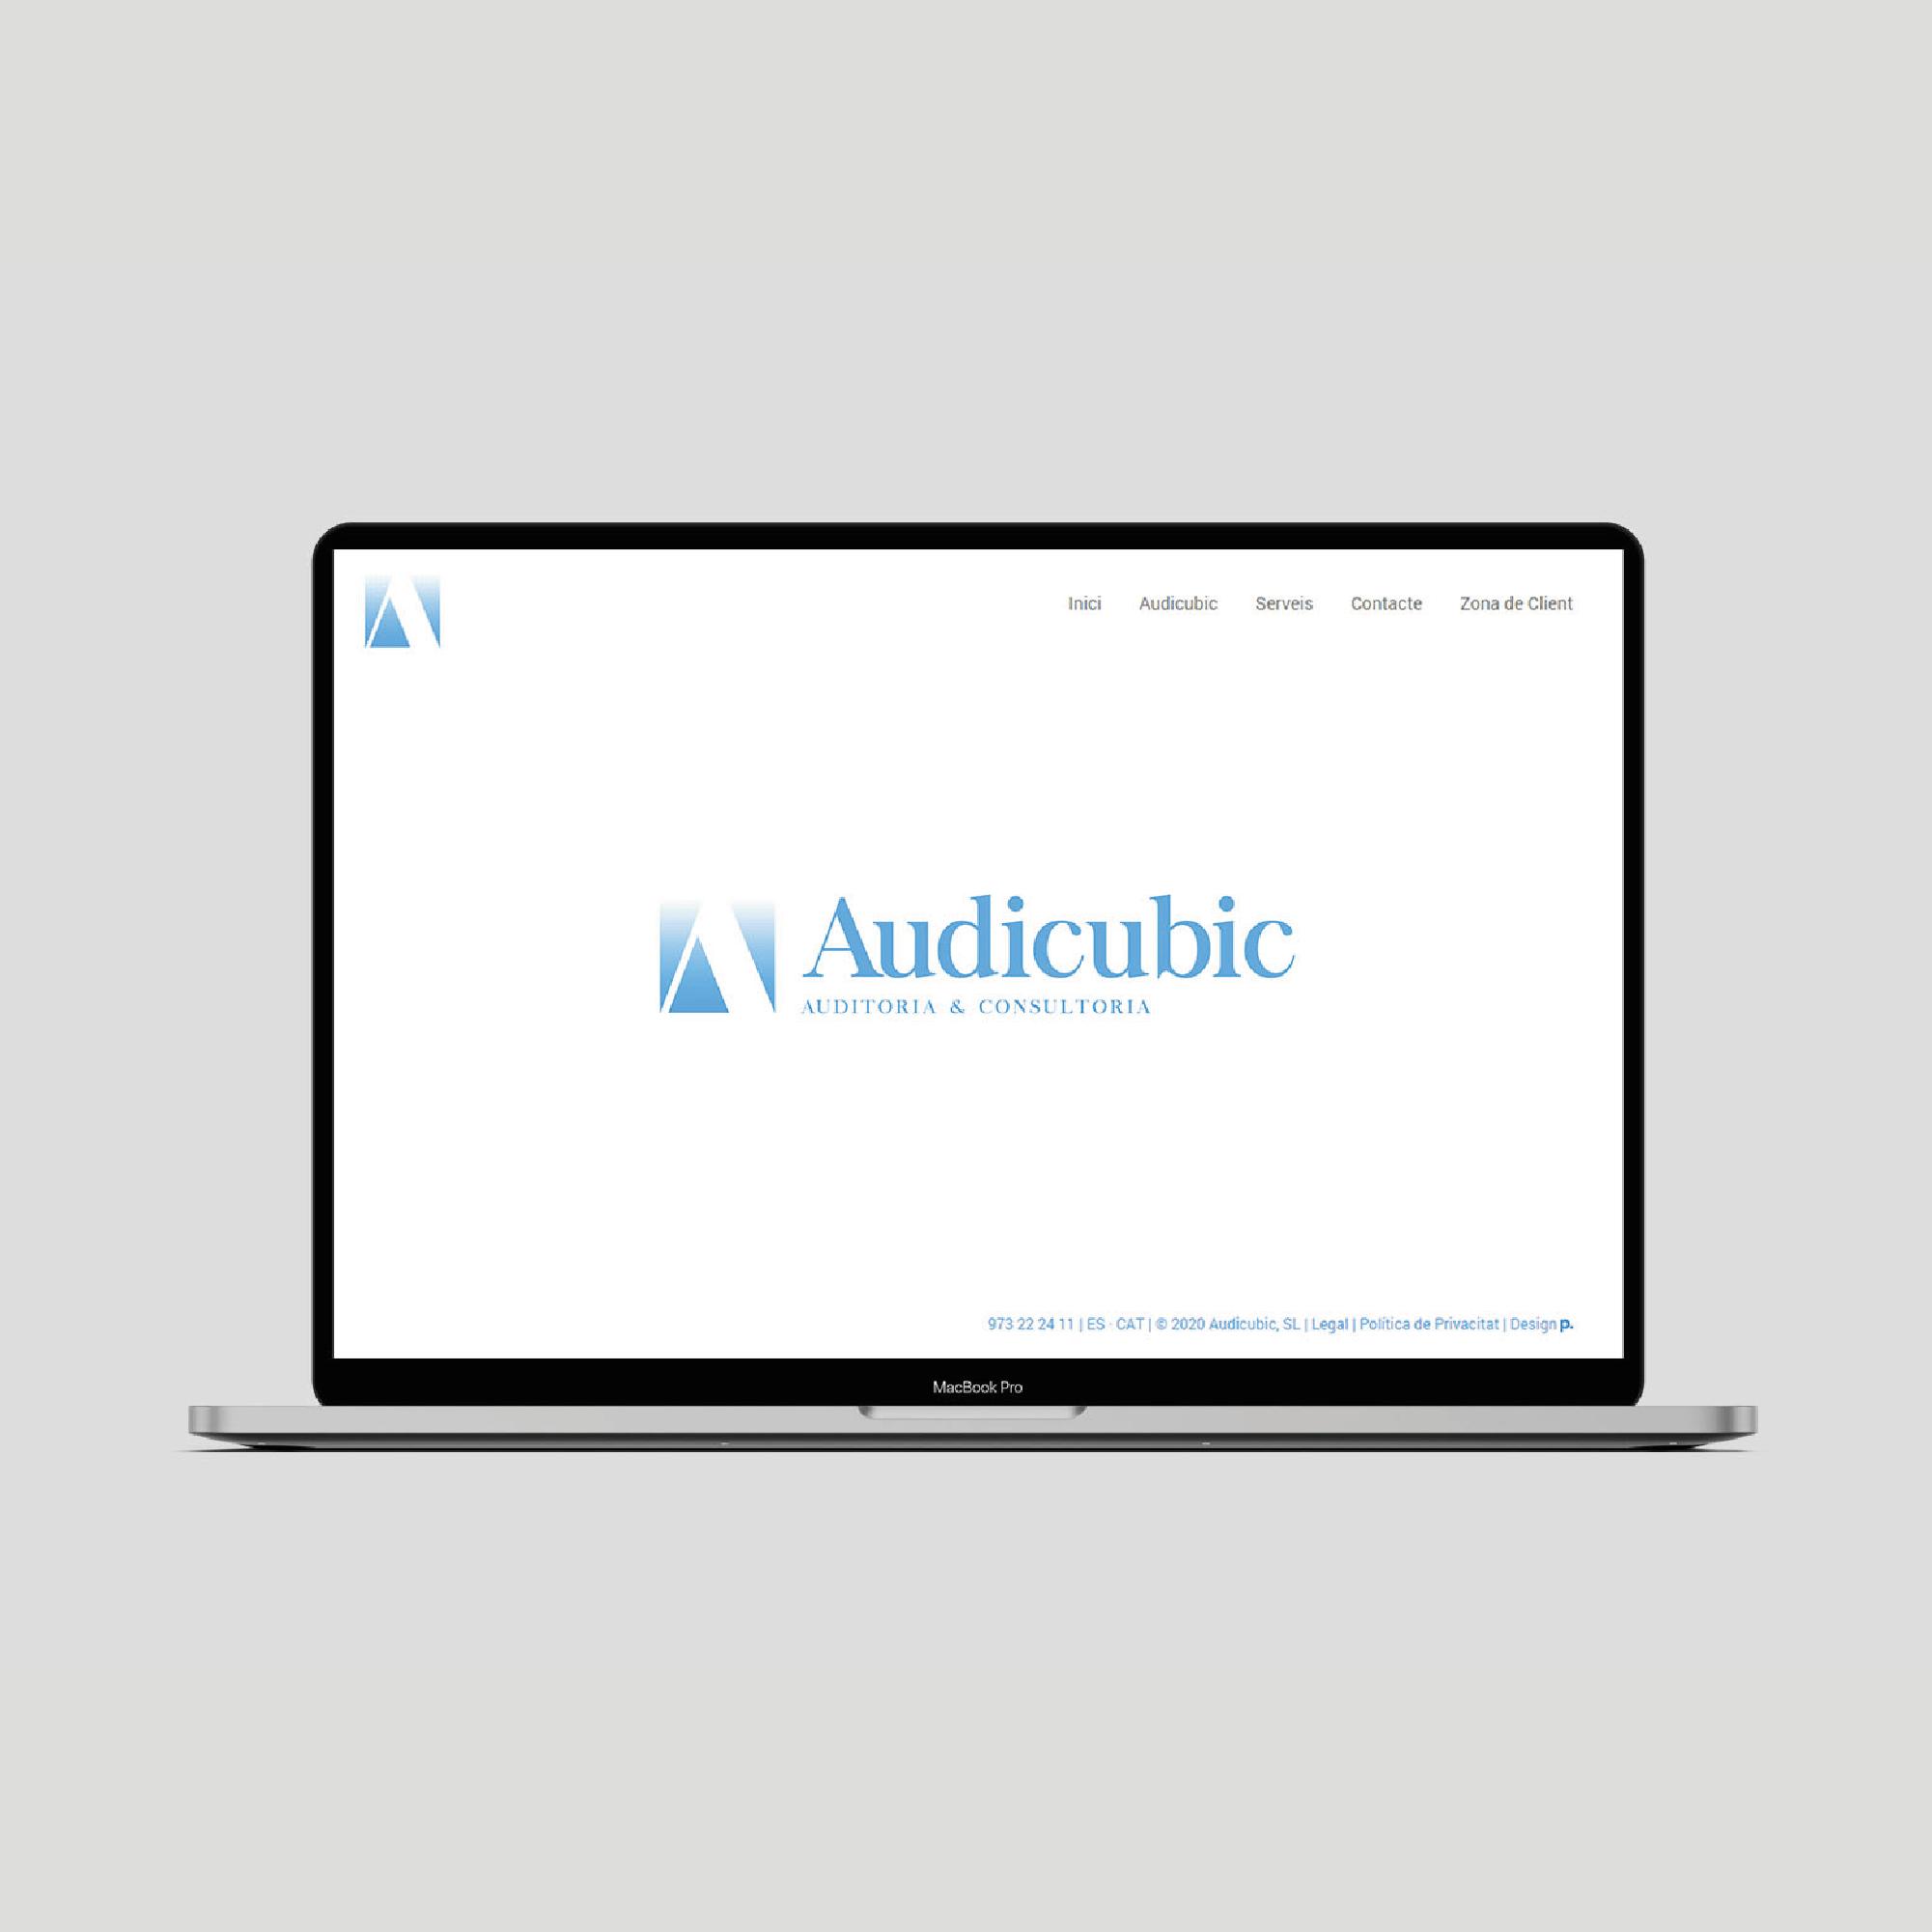 Audicubic